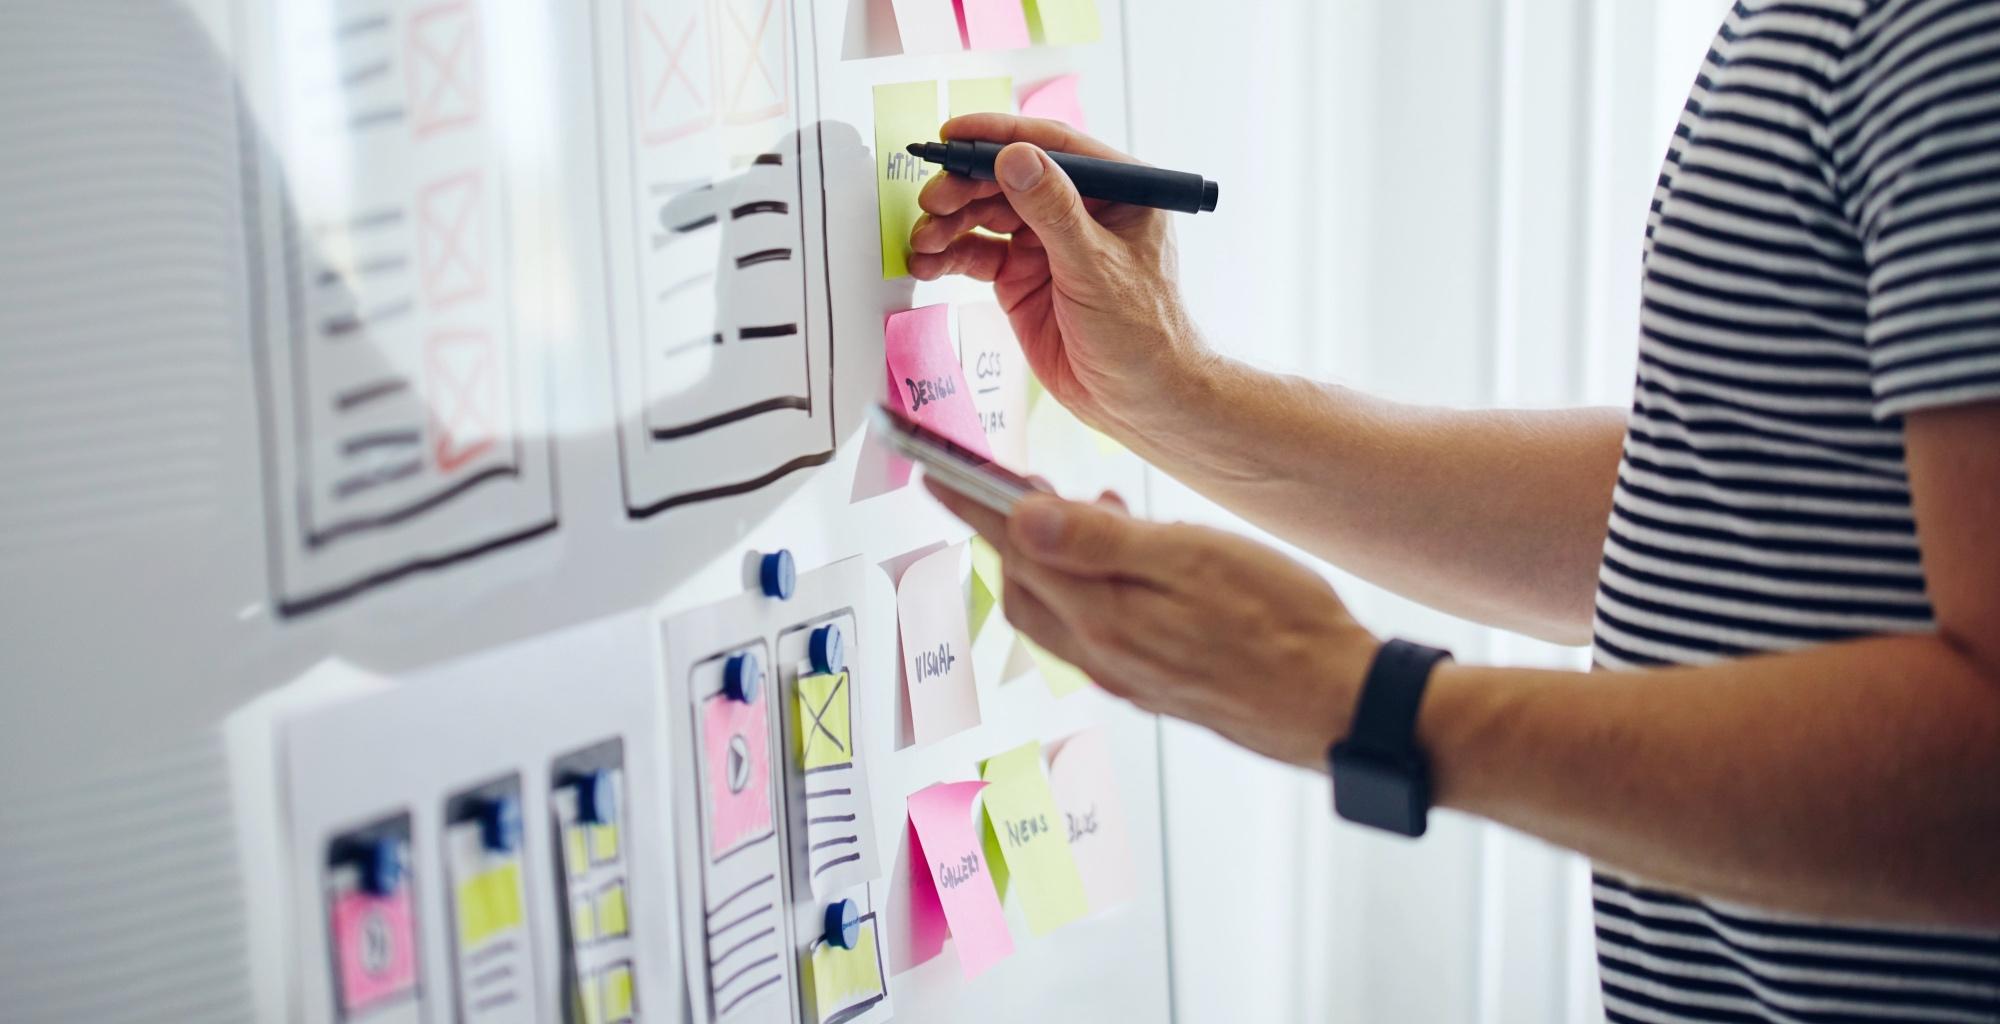 Estrategias para aumentar la visibilidad de marca